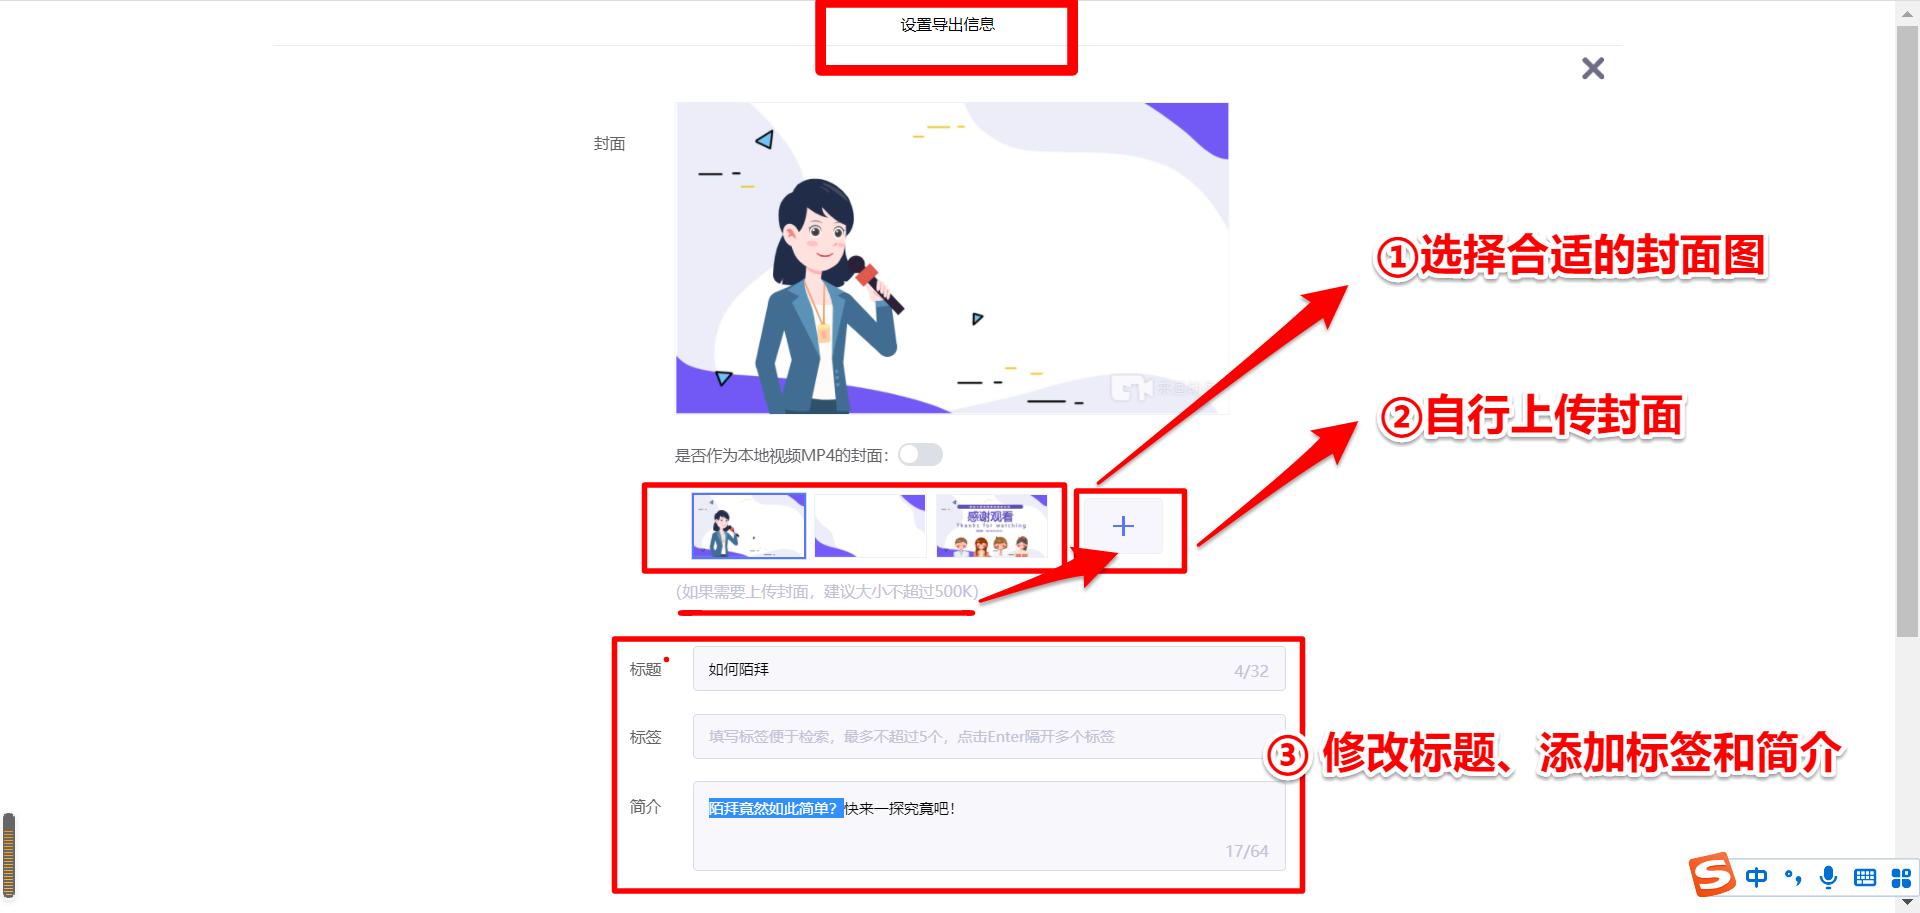 修改动画视频信息